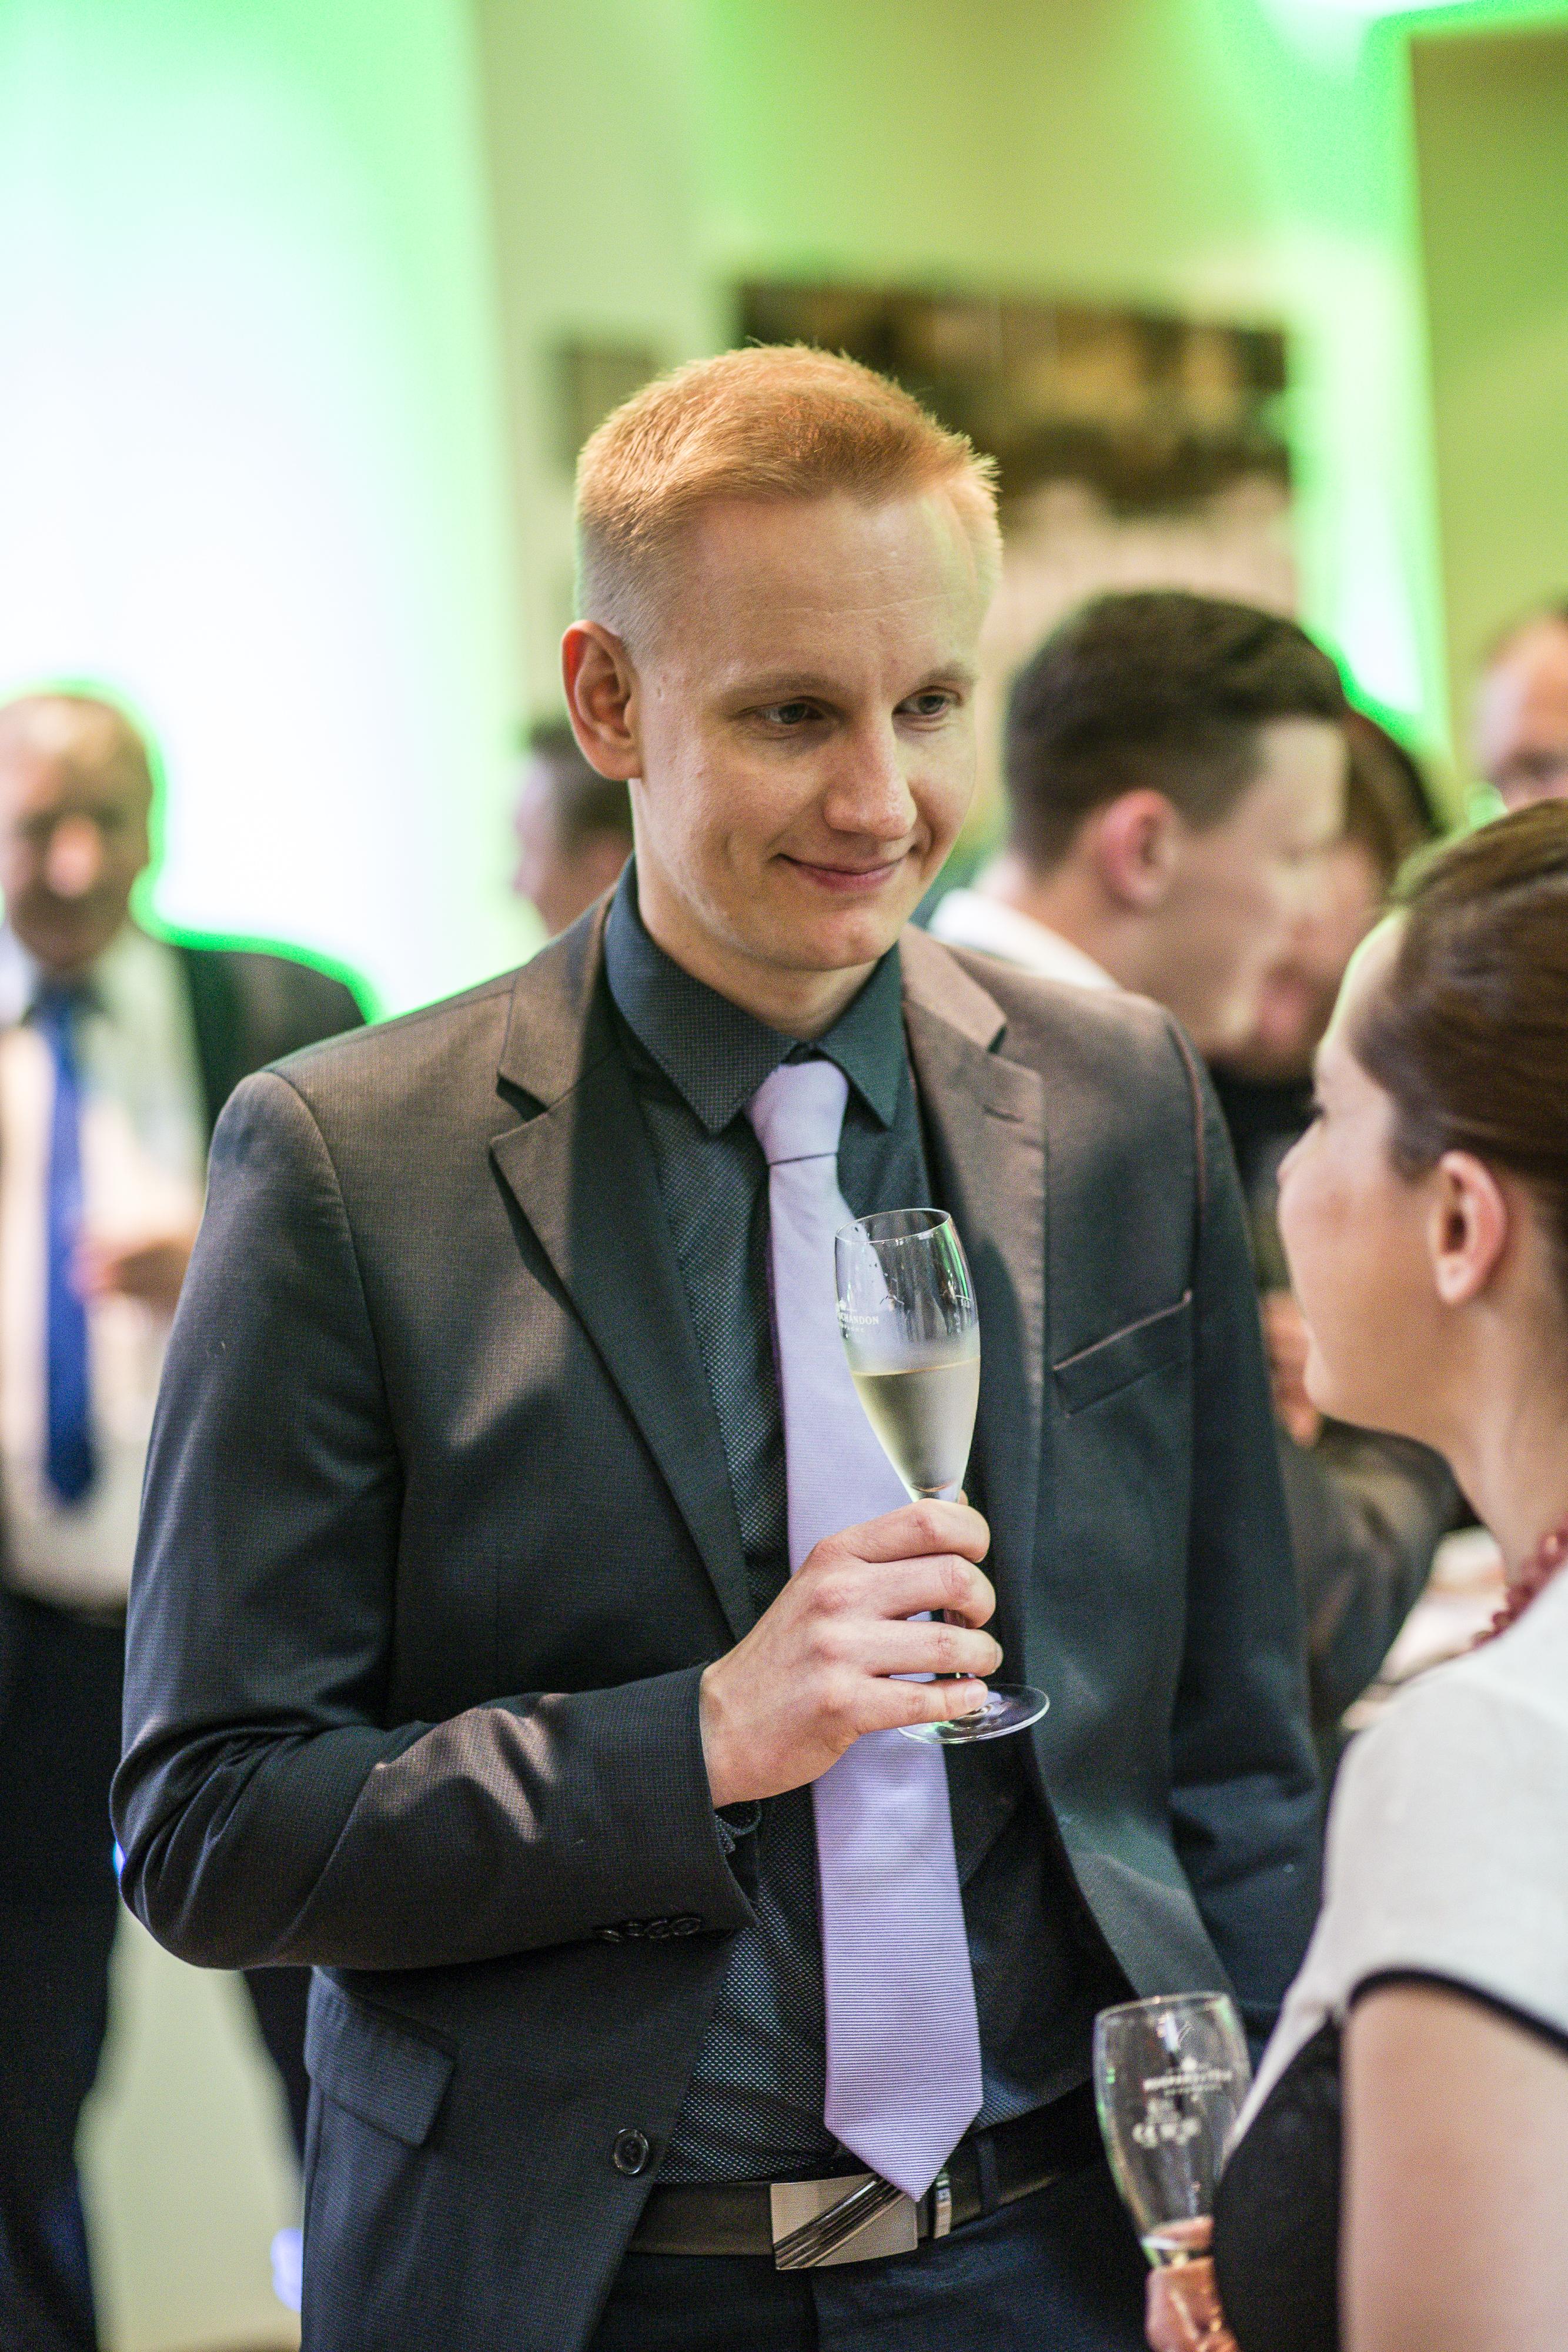 Ředitel vzdělávacího a jazykového centra Berlitz Praha Michal Nadzon při networkingu.